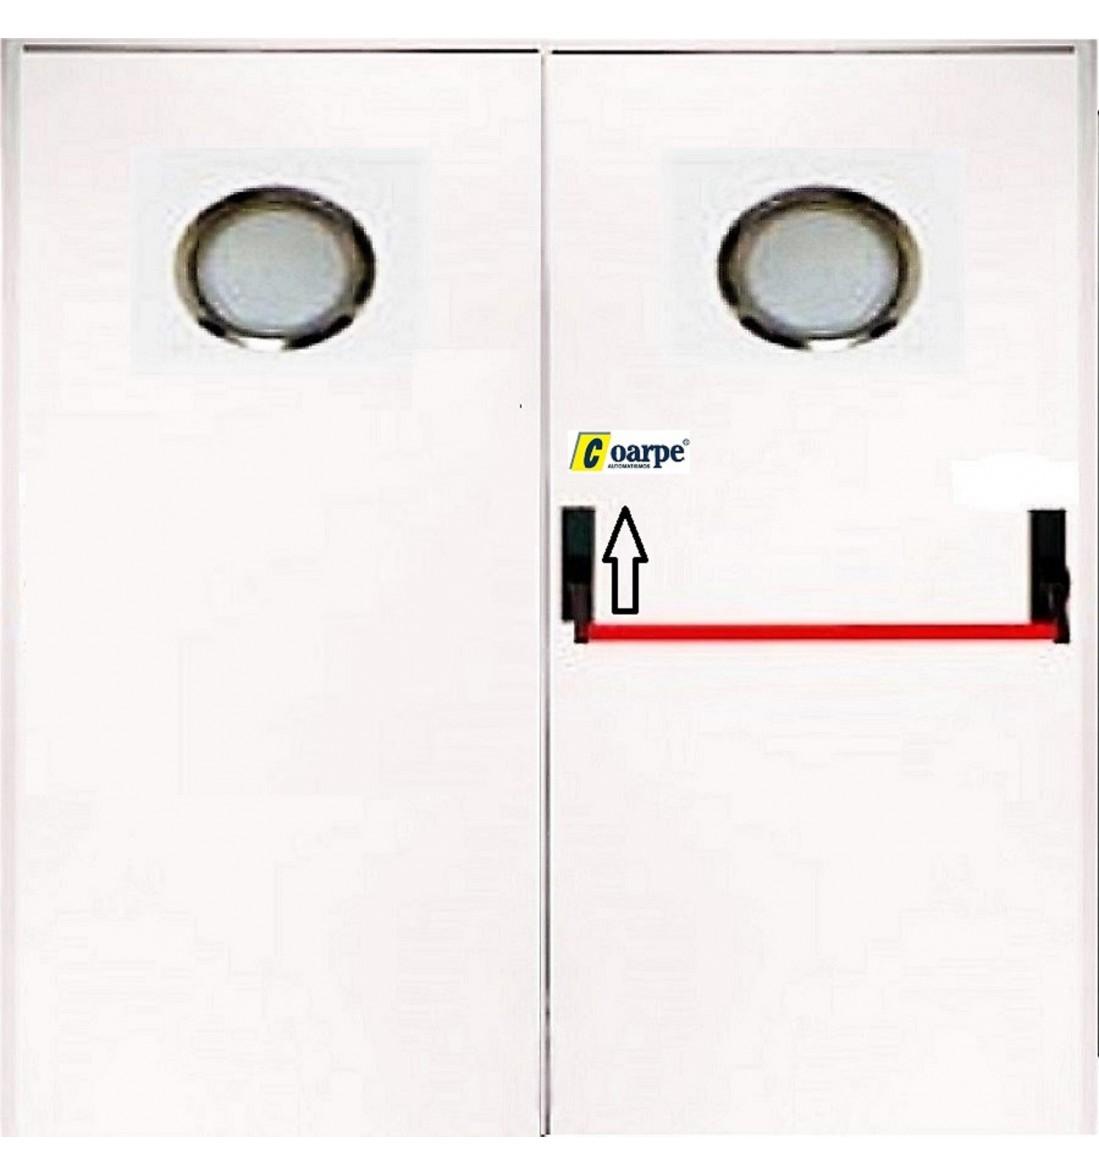 Puerta Cortafuegos Ei2 60 C5 D/h 2000*2070